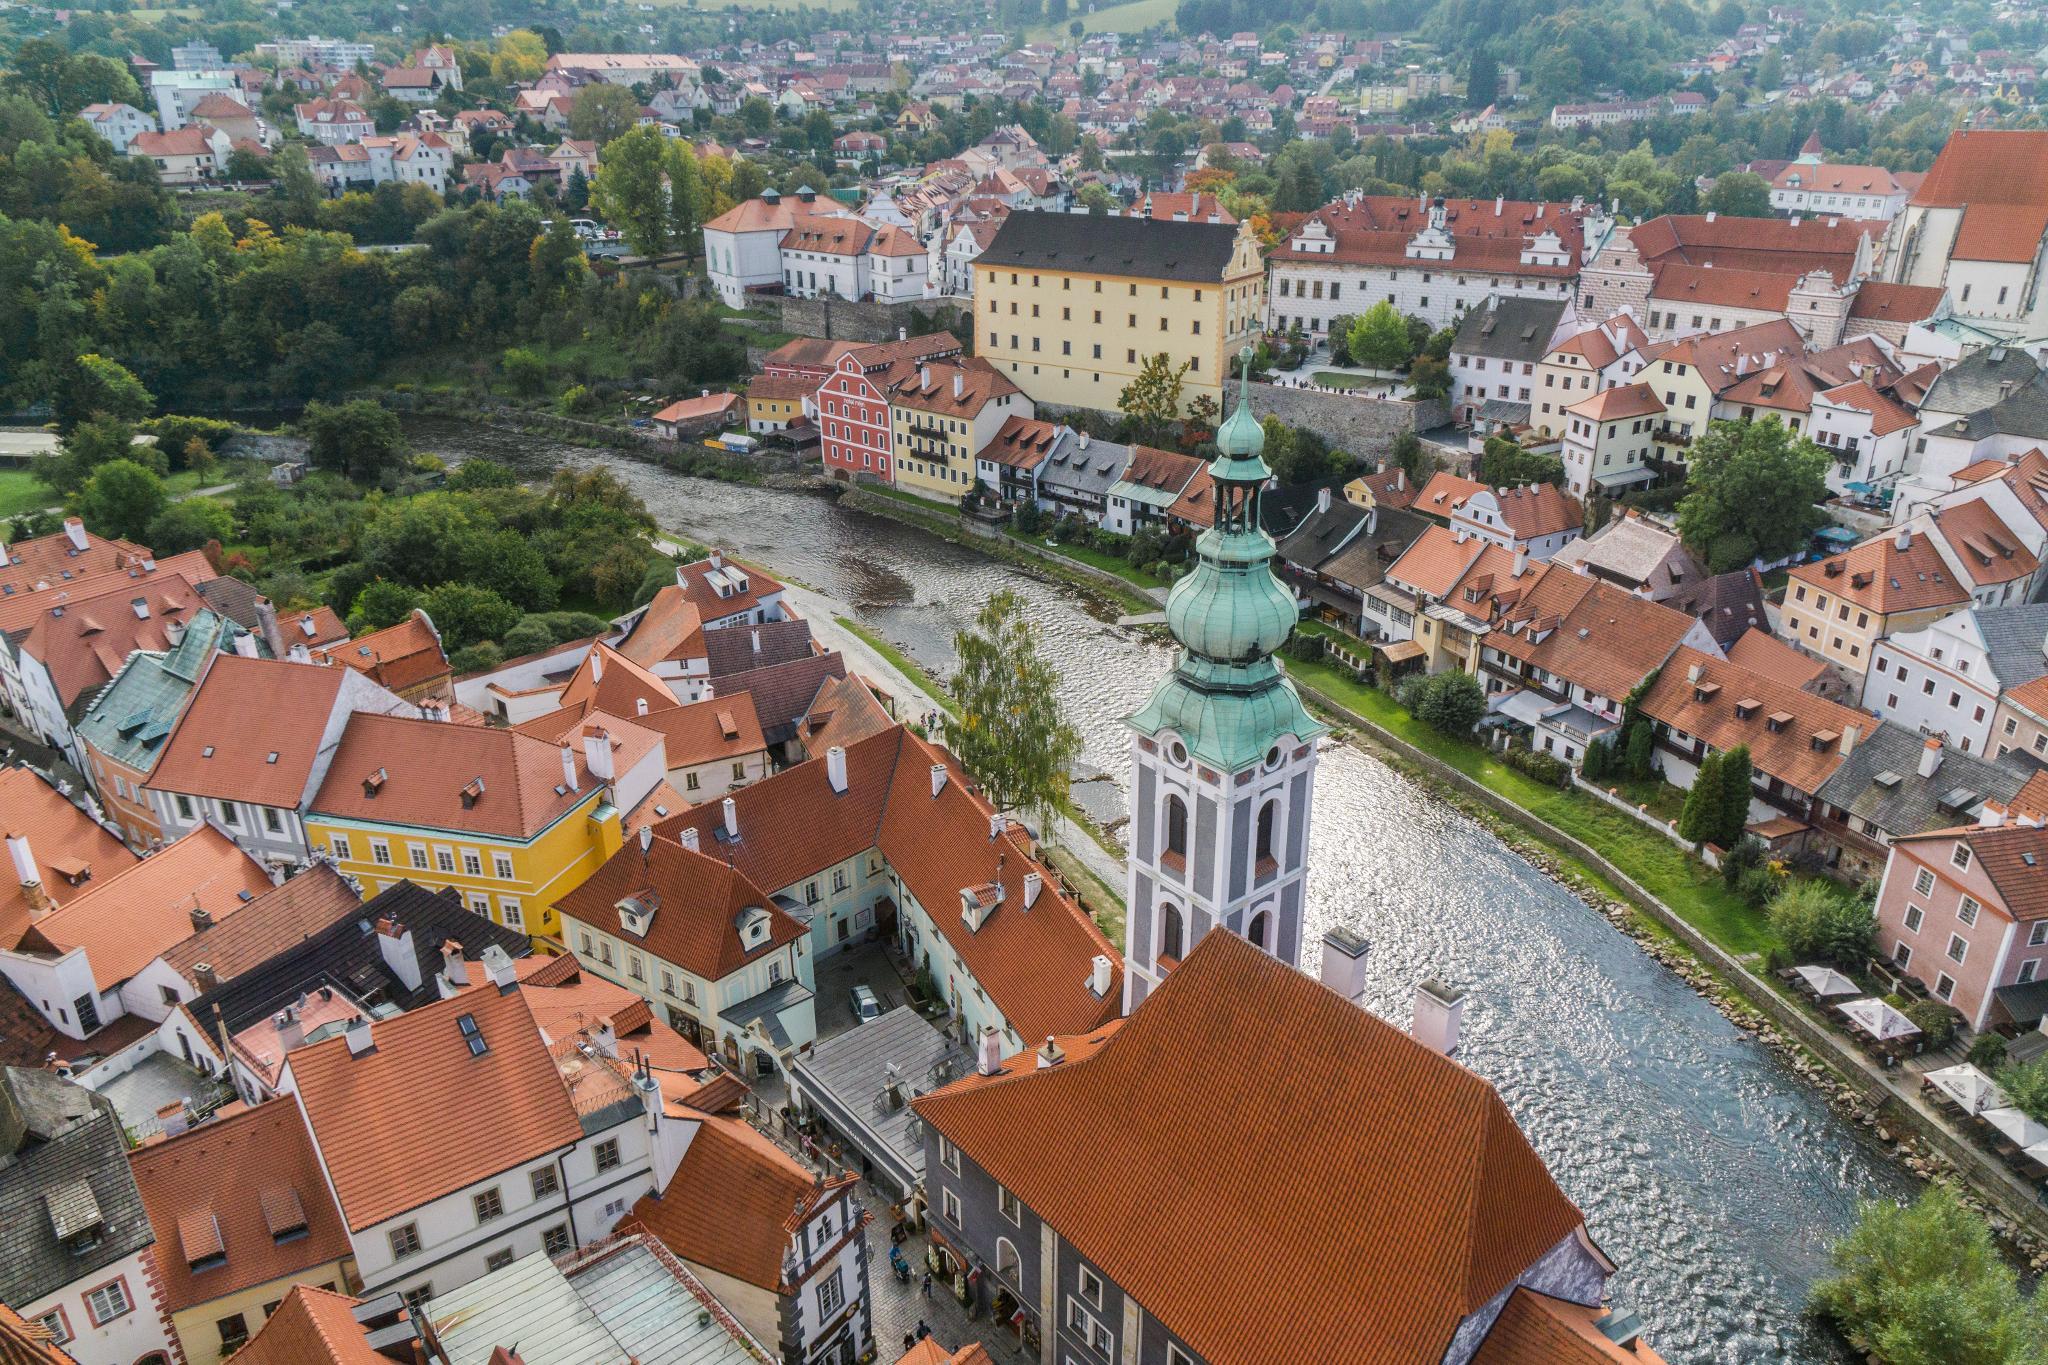 【捷克】穿越時空的波希米亞狂想曲 — Český Krumlov Castle 庫倫諾夫城堡 9